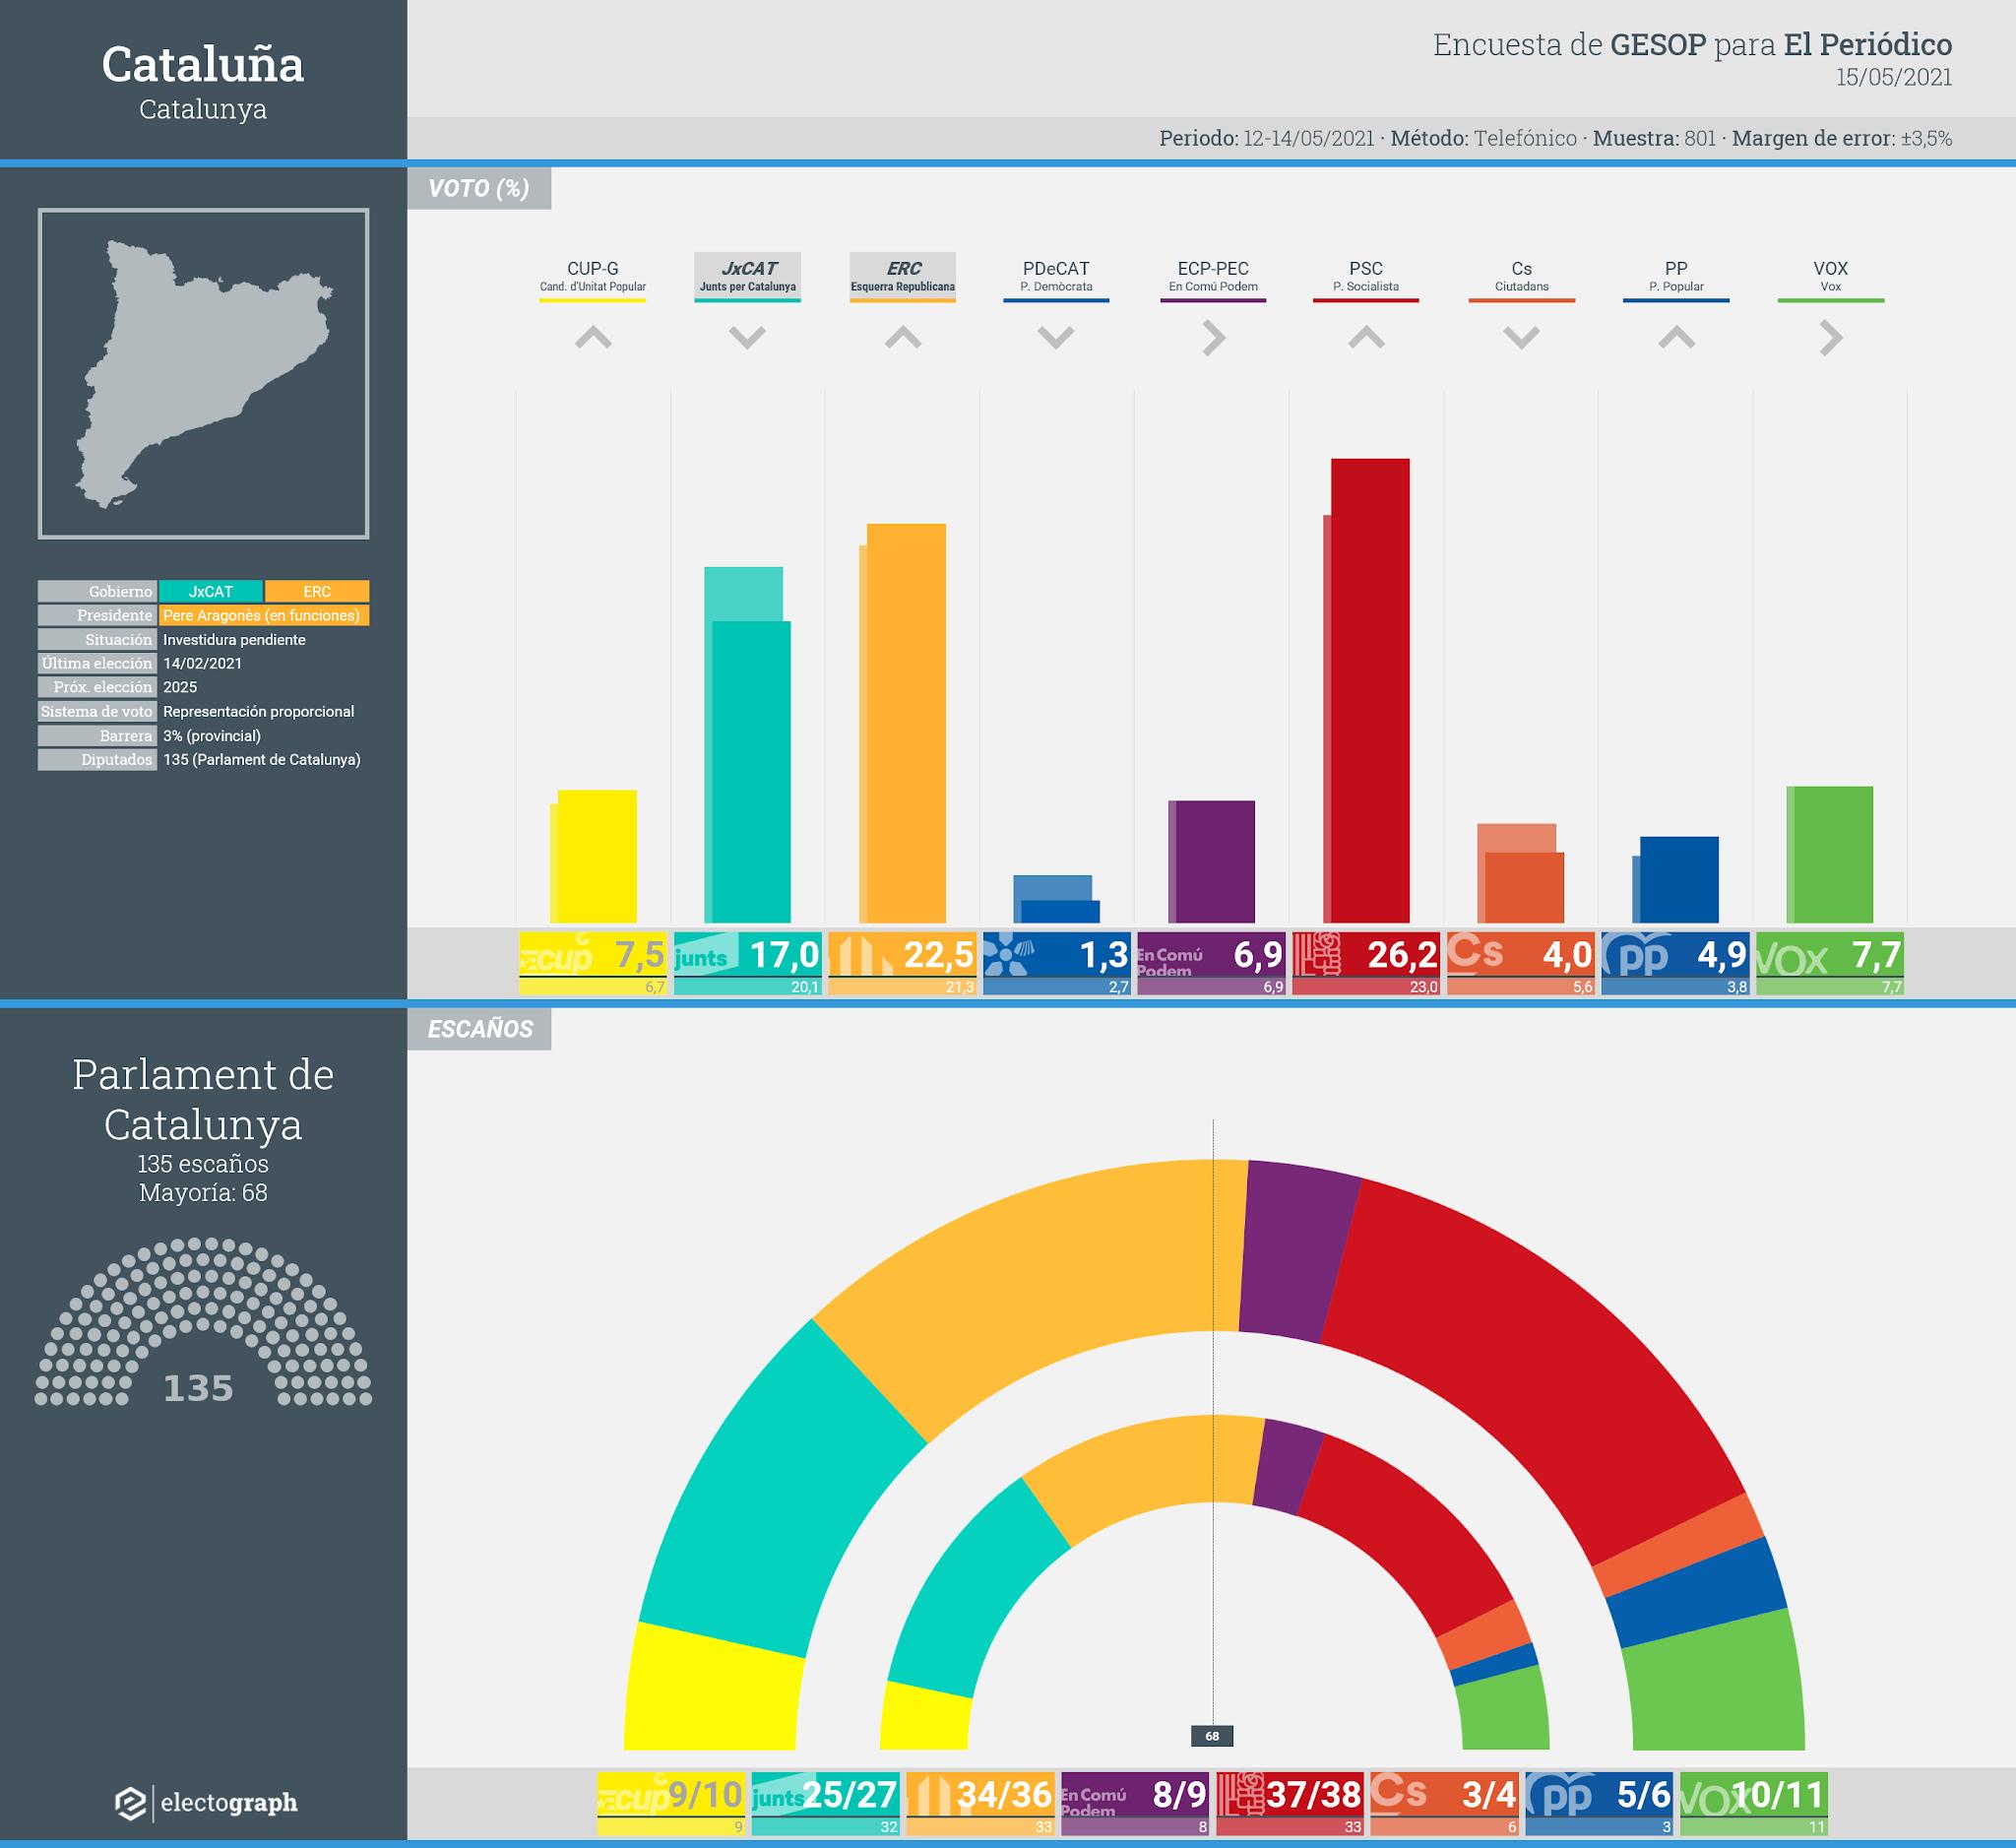 Gráfico de la encuesta para elecciones autonómicas en Cataluña realizada por GESOP para El Periódico, 15 de mayo de 2021